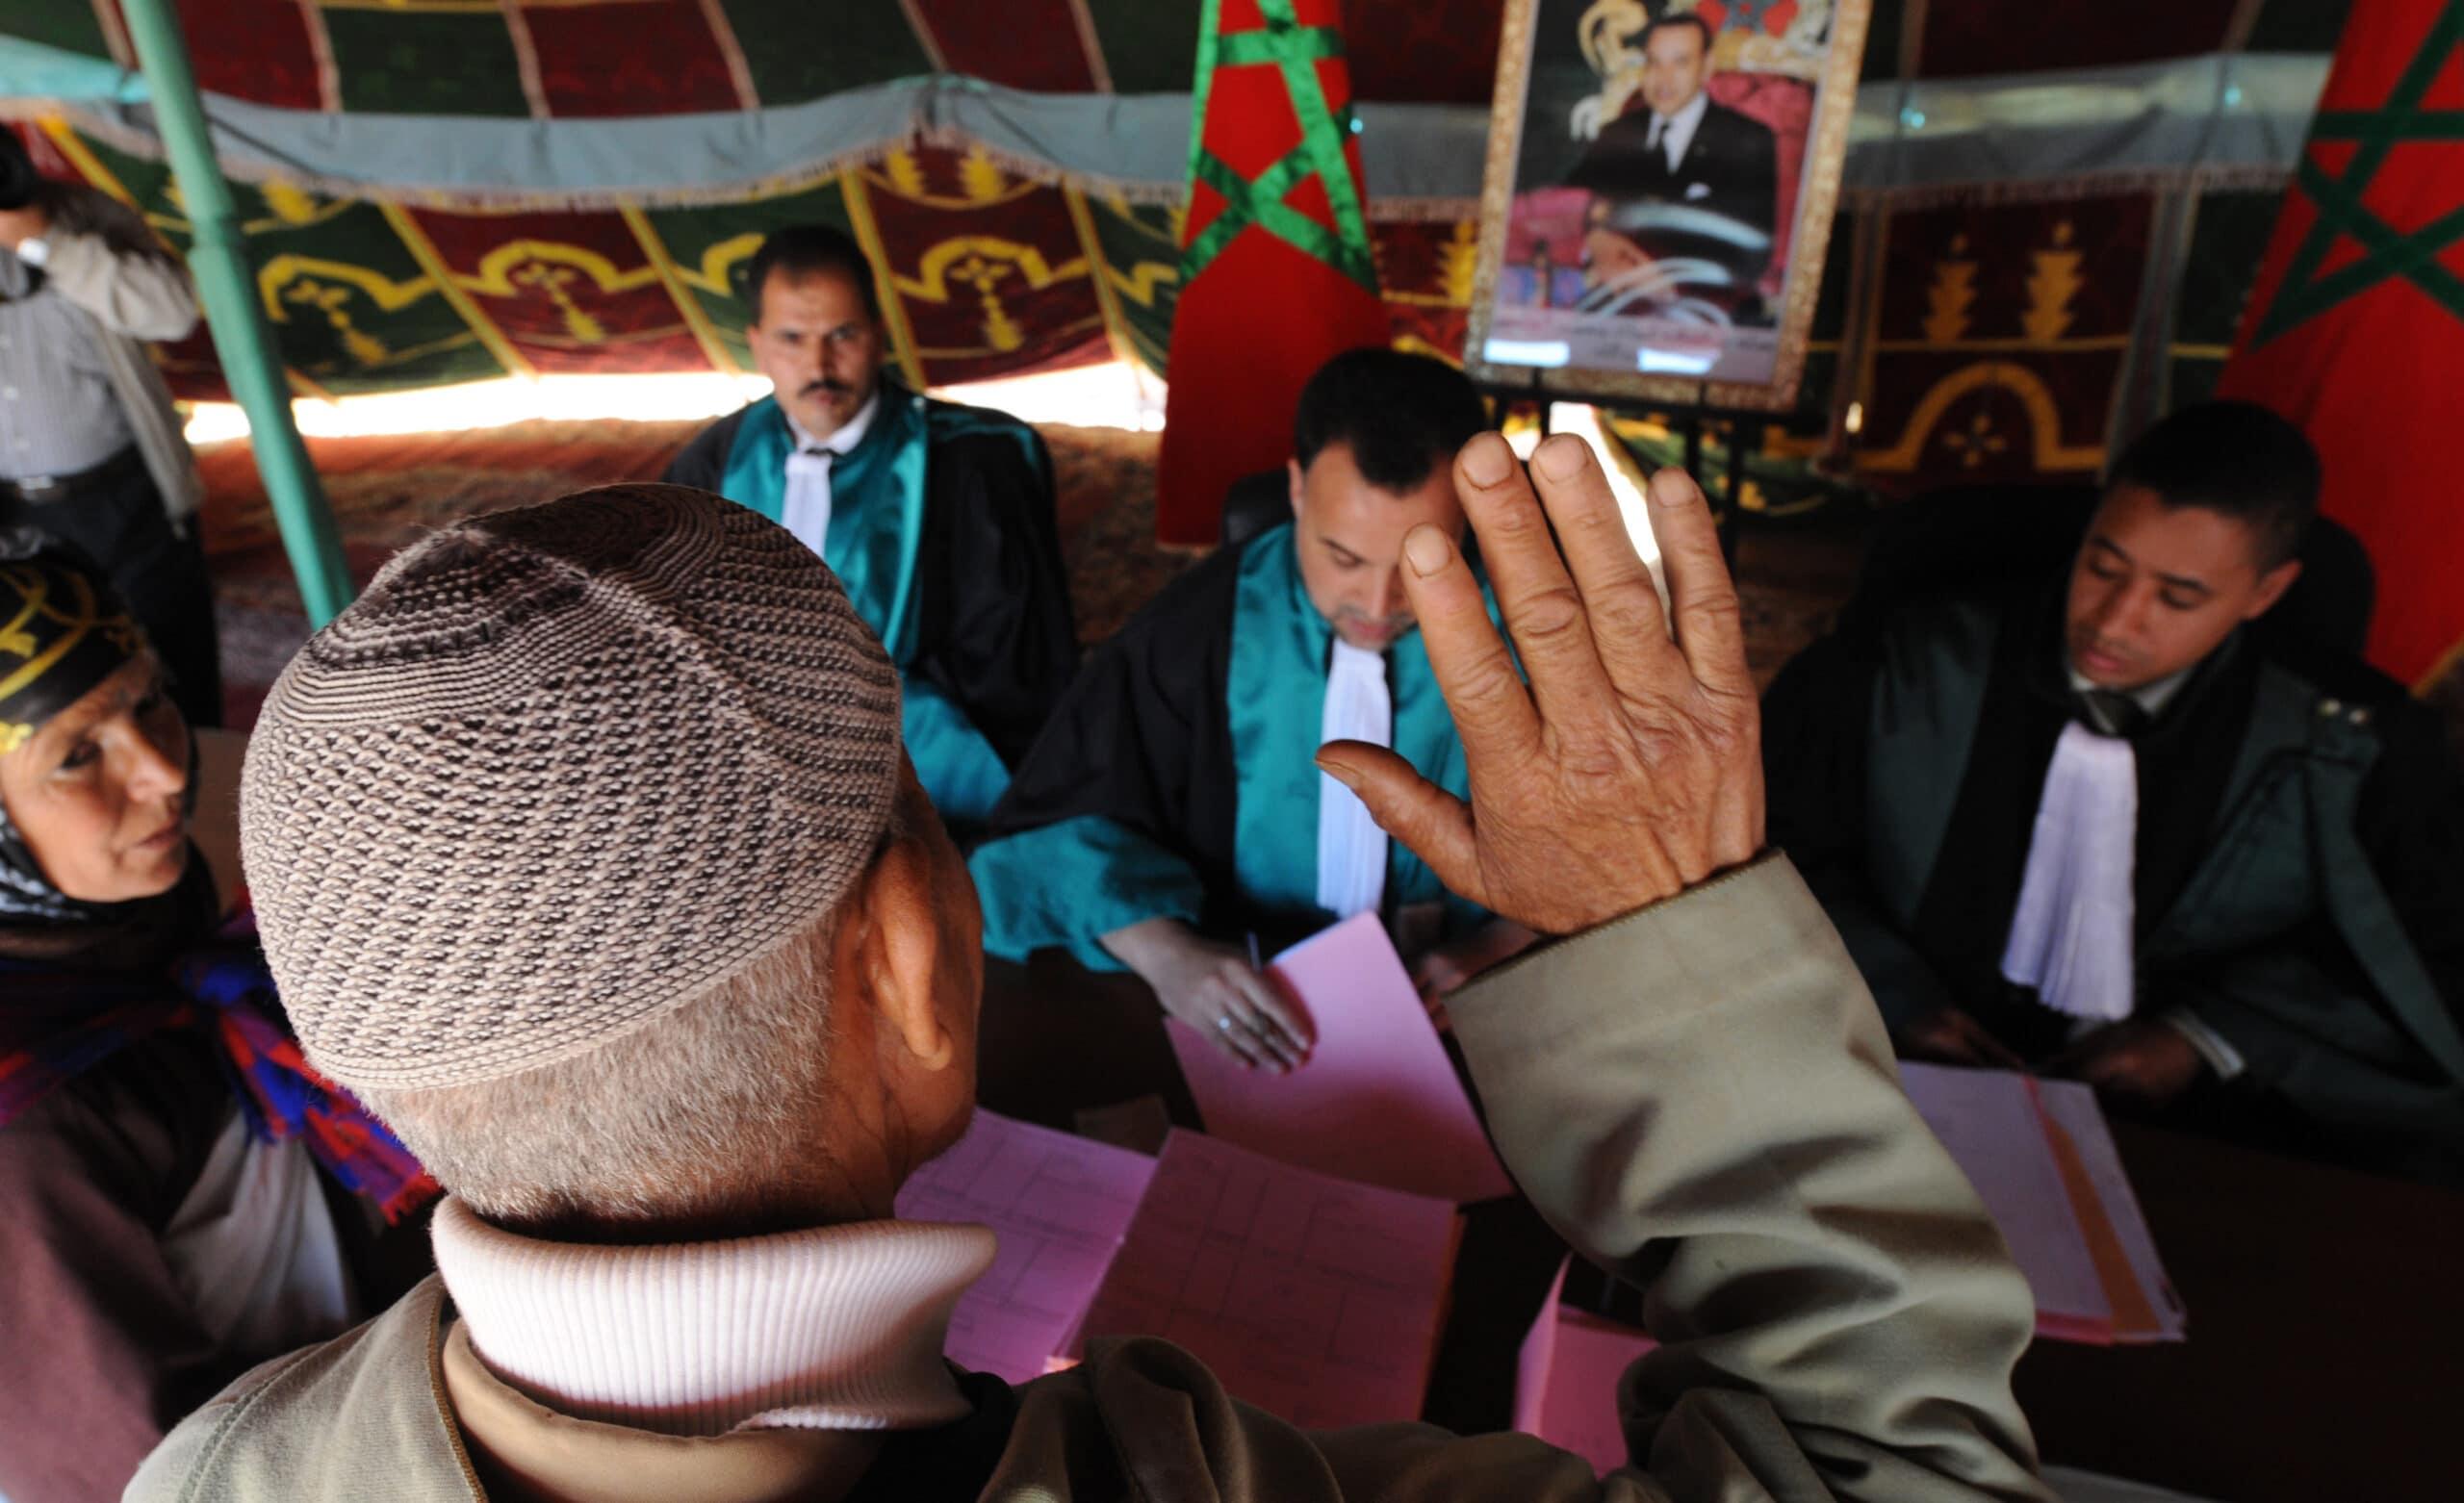 منشورات قضاة مغاربة على فيس بوك تتسبب لهم بأسوأ حدث في حياتهم.. هكذا تم معاقبتهم